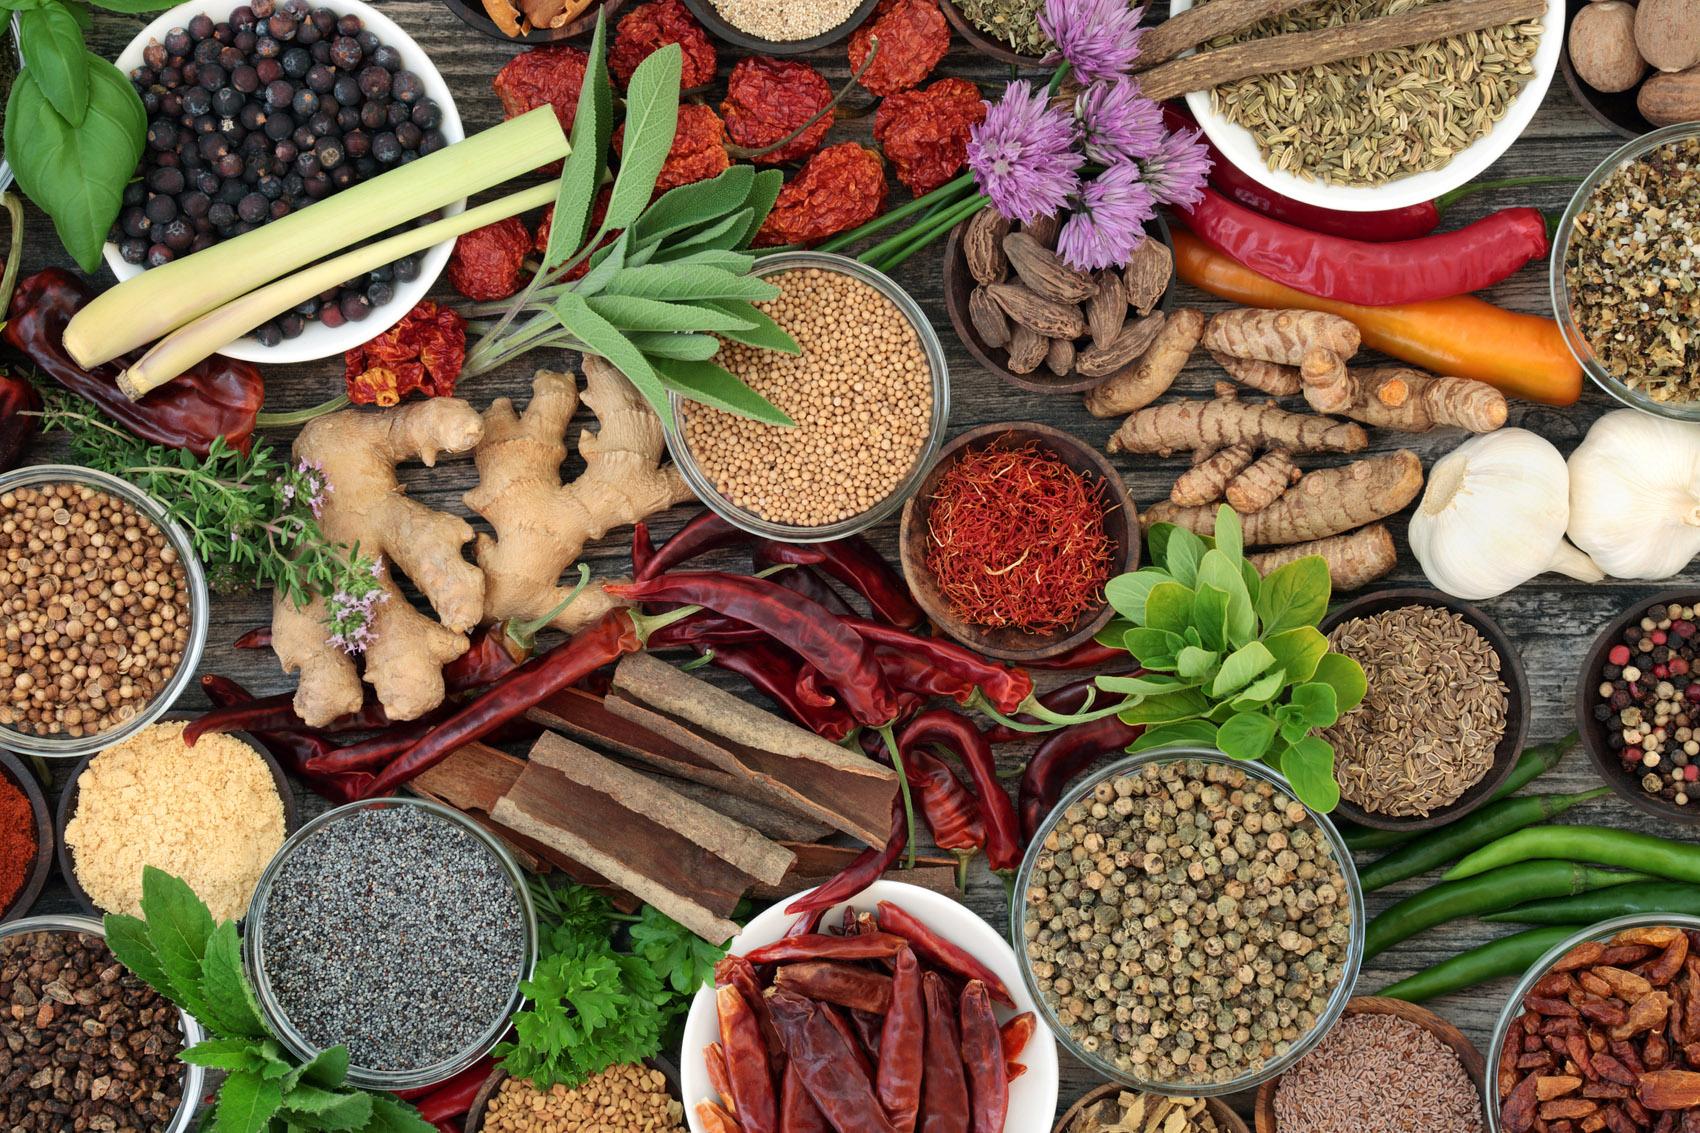 spezie ed erbe: timo, curcuma, zenzero, cannella